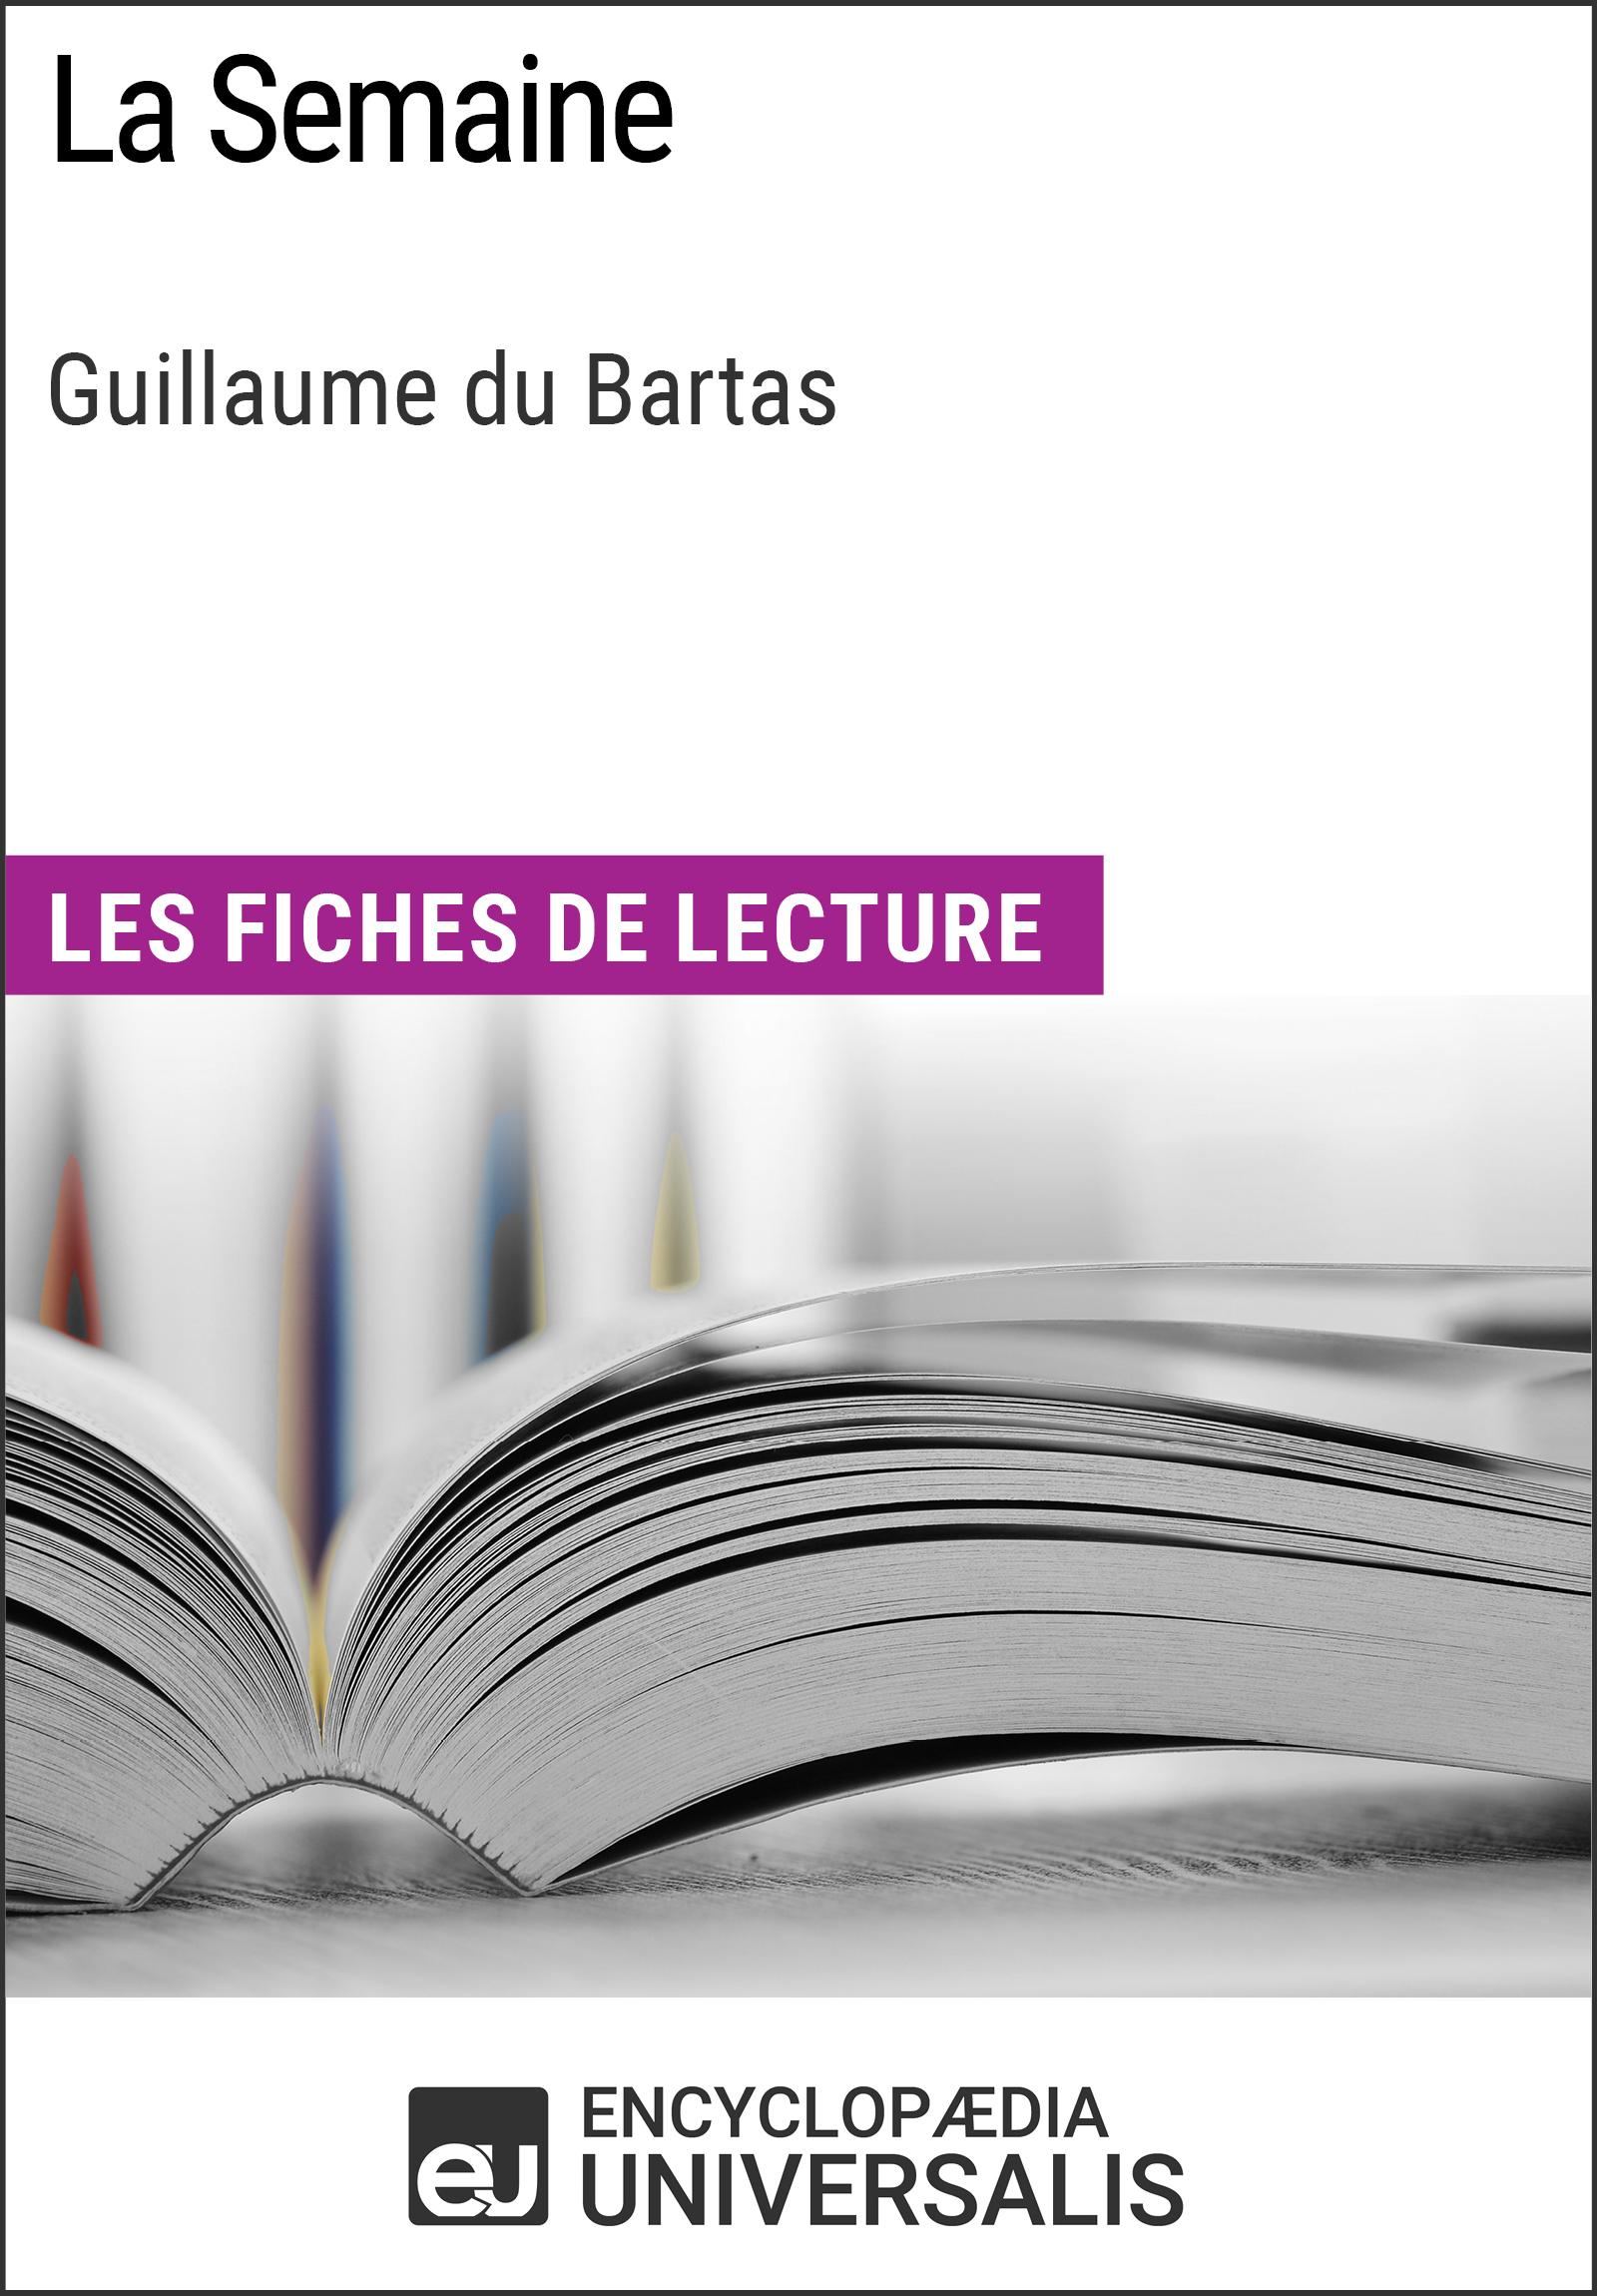 La Semaine de Guillaume du Bartas